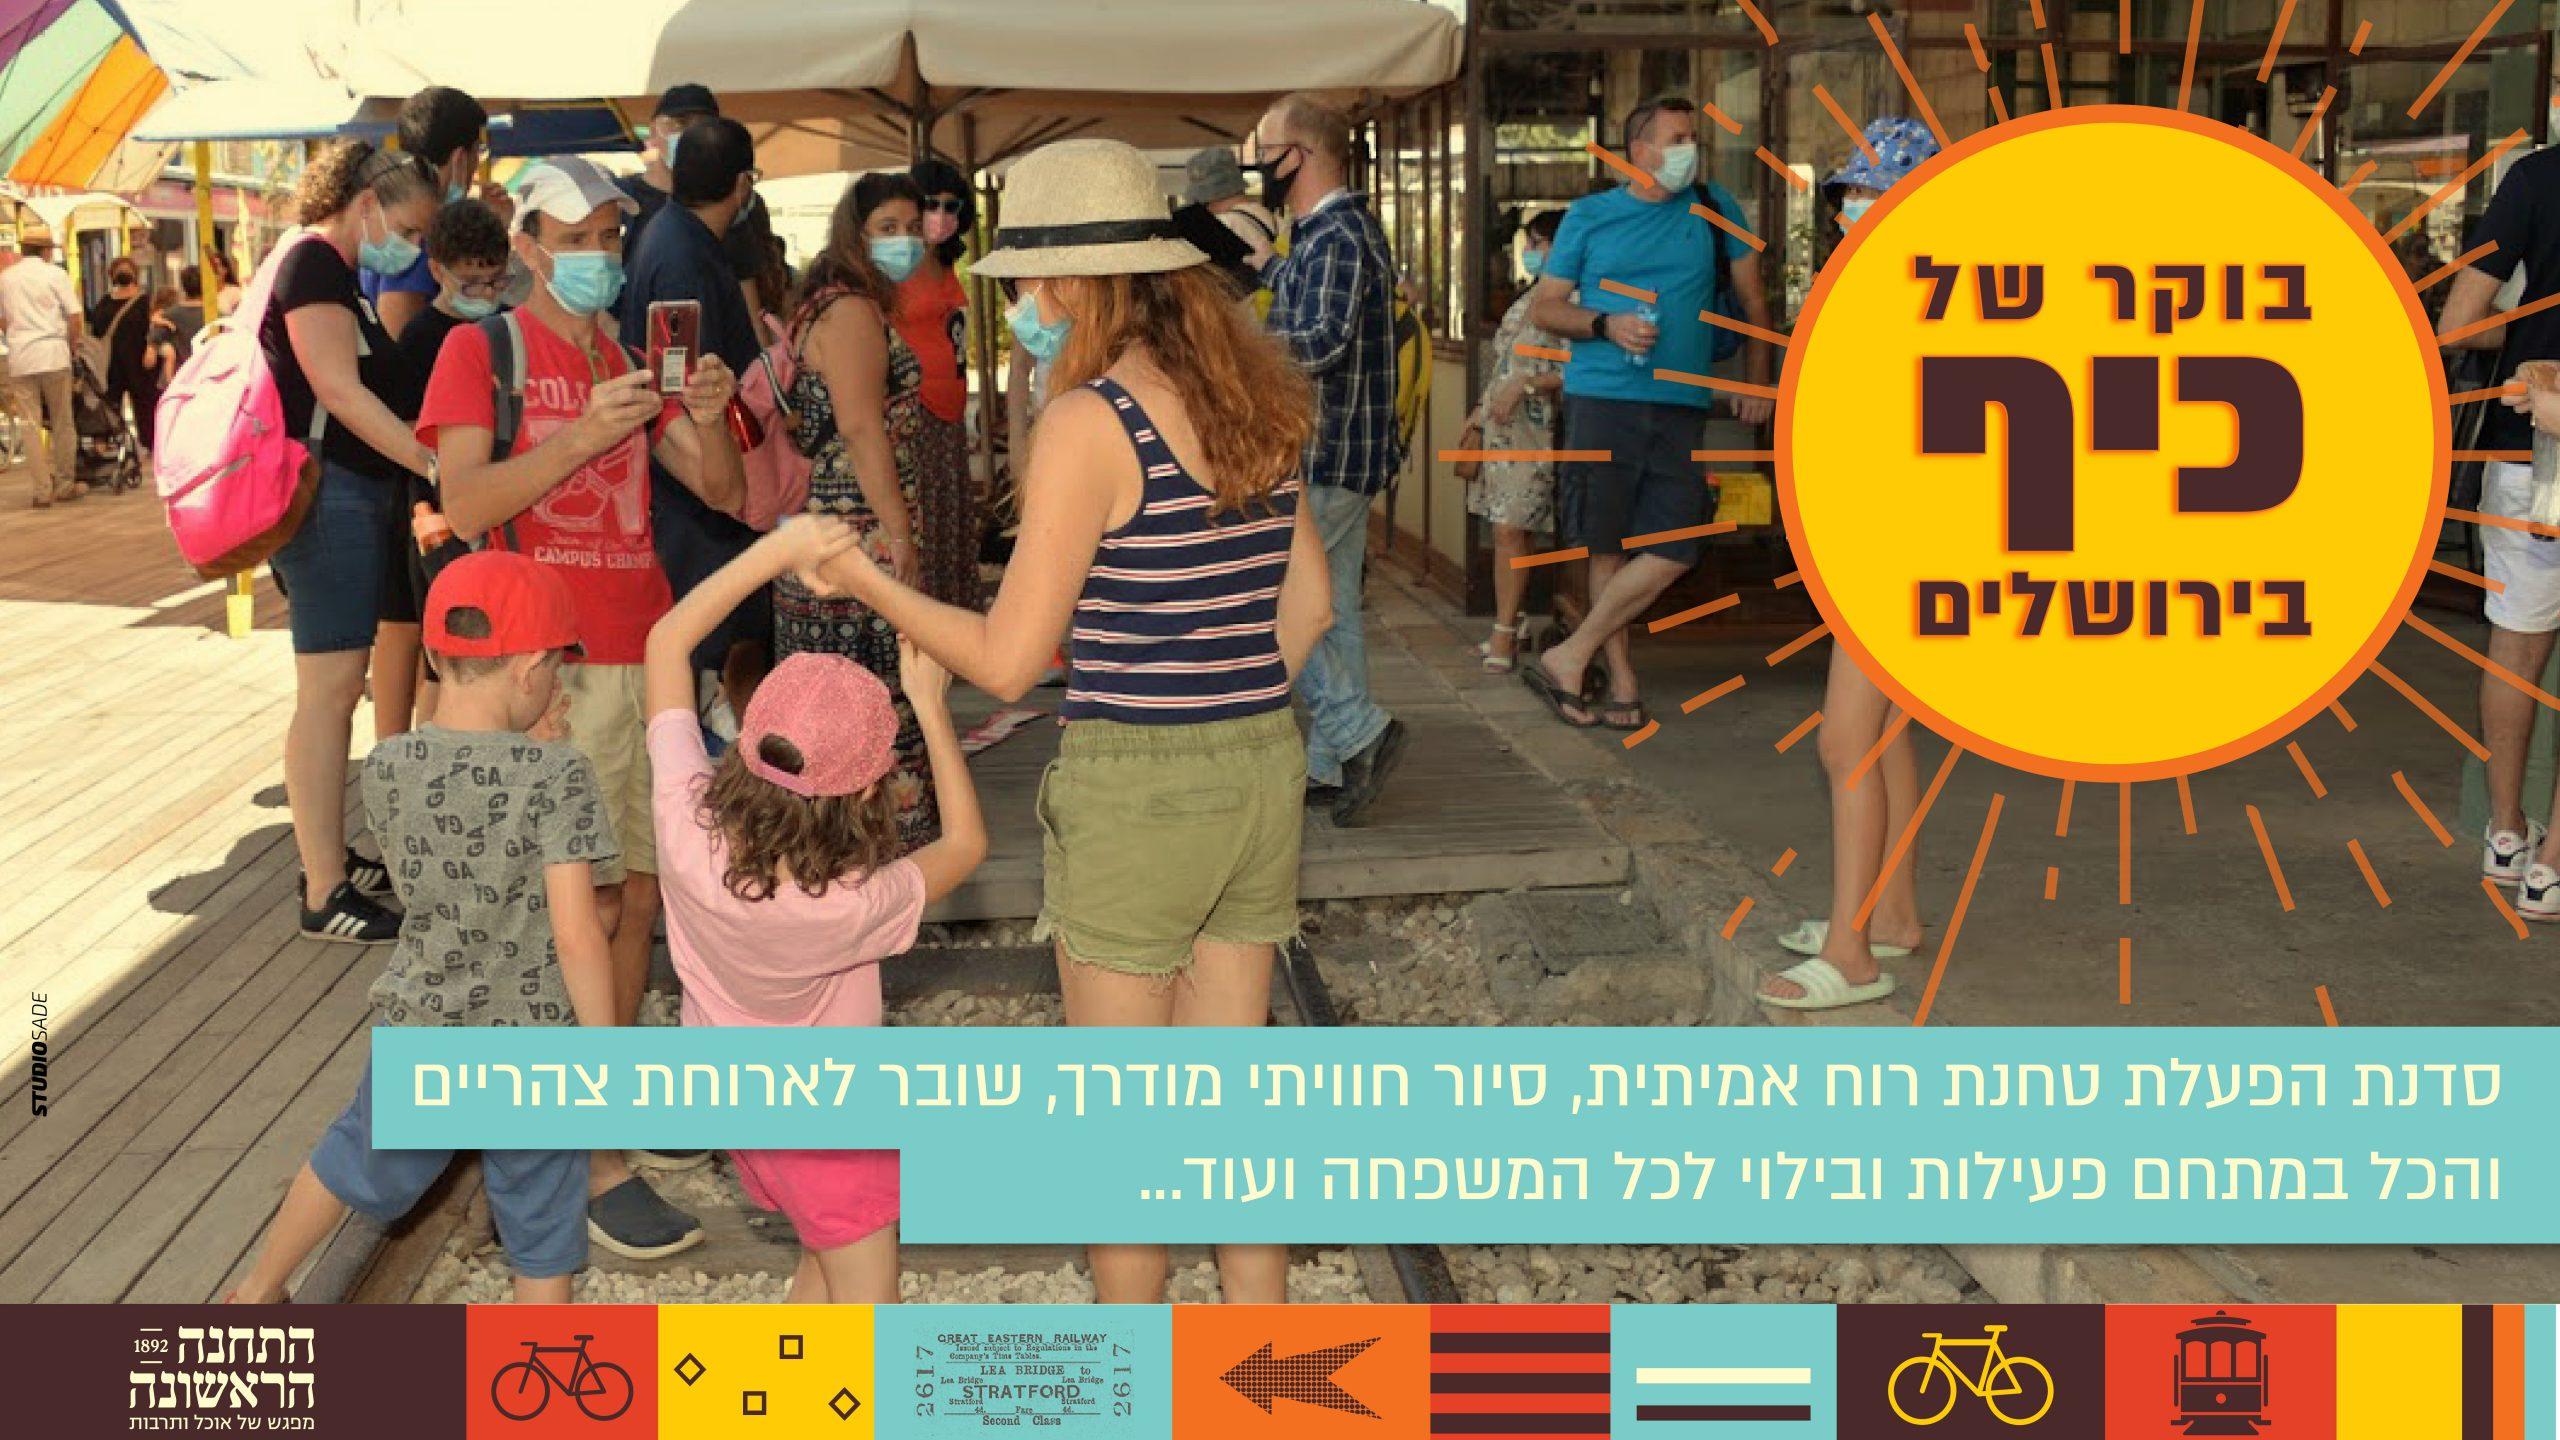 בוקר של כיף בתחנה הראשונה ירושלים